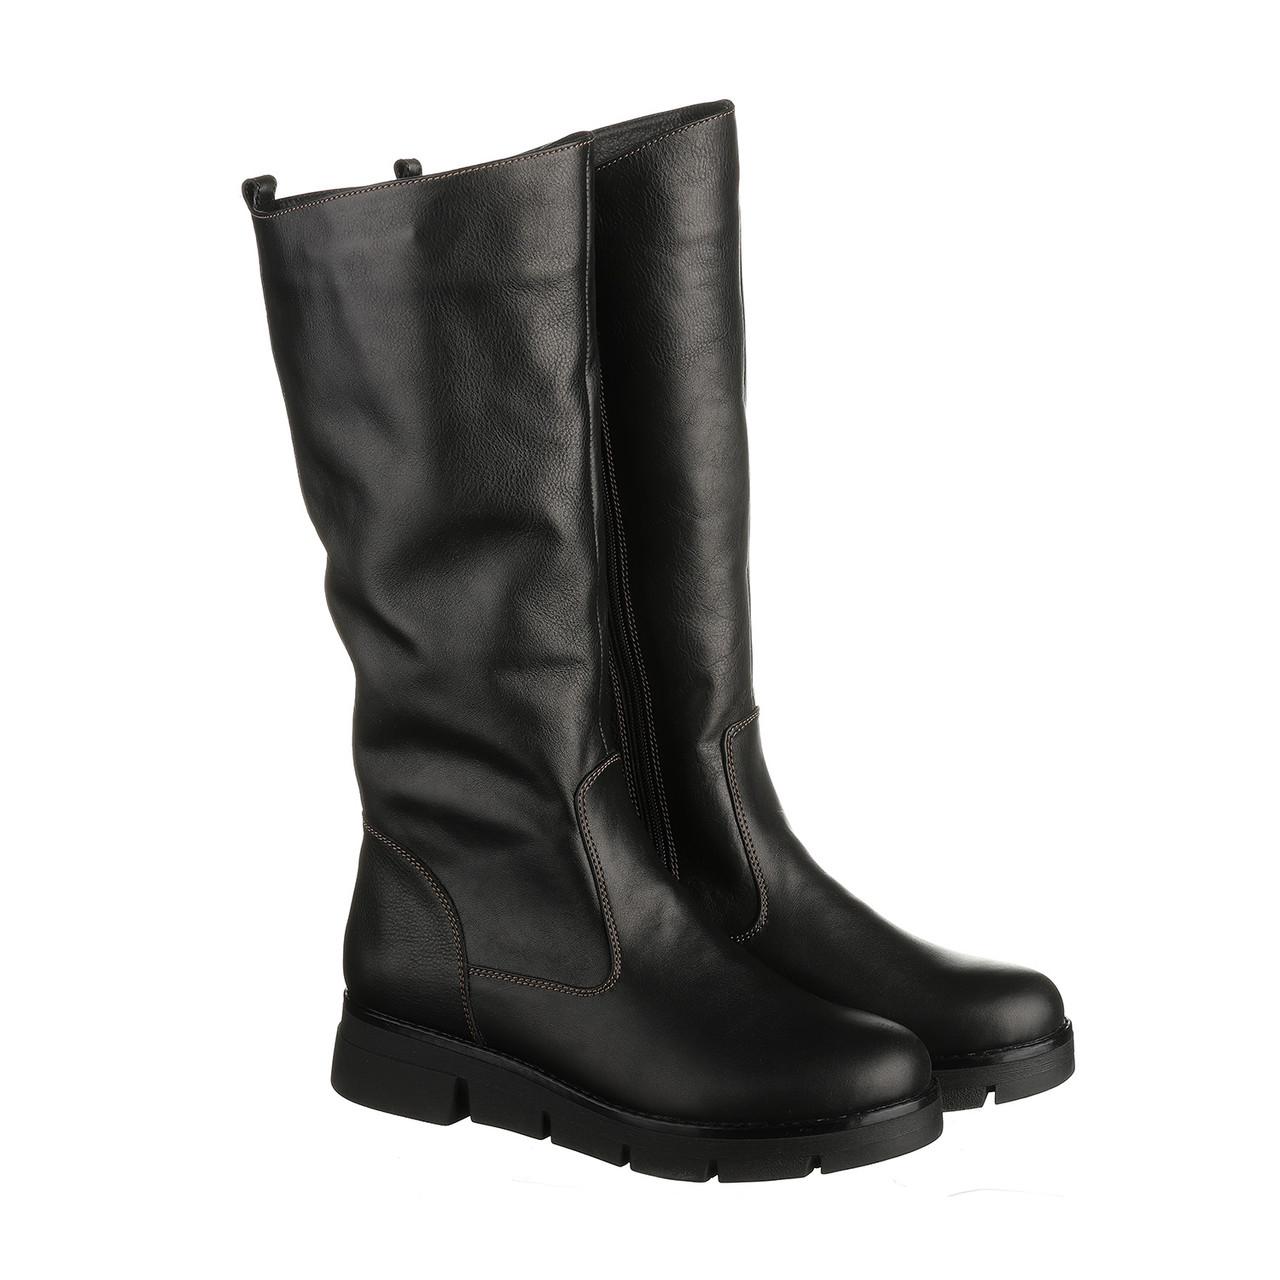 Шкіряні жіночі чоботи на плоскій підошві 38 розмір, зимові чоботи